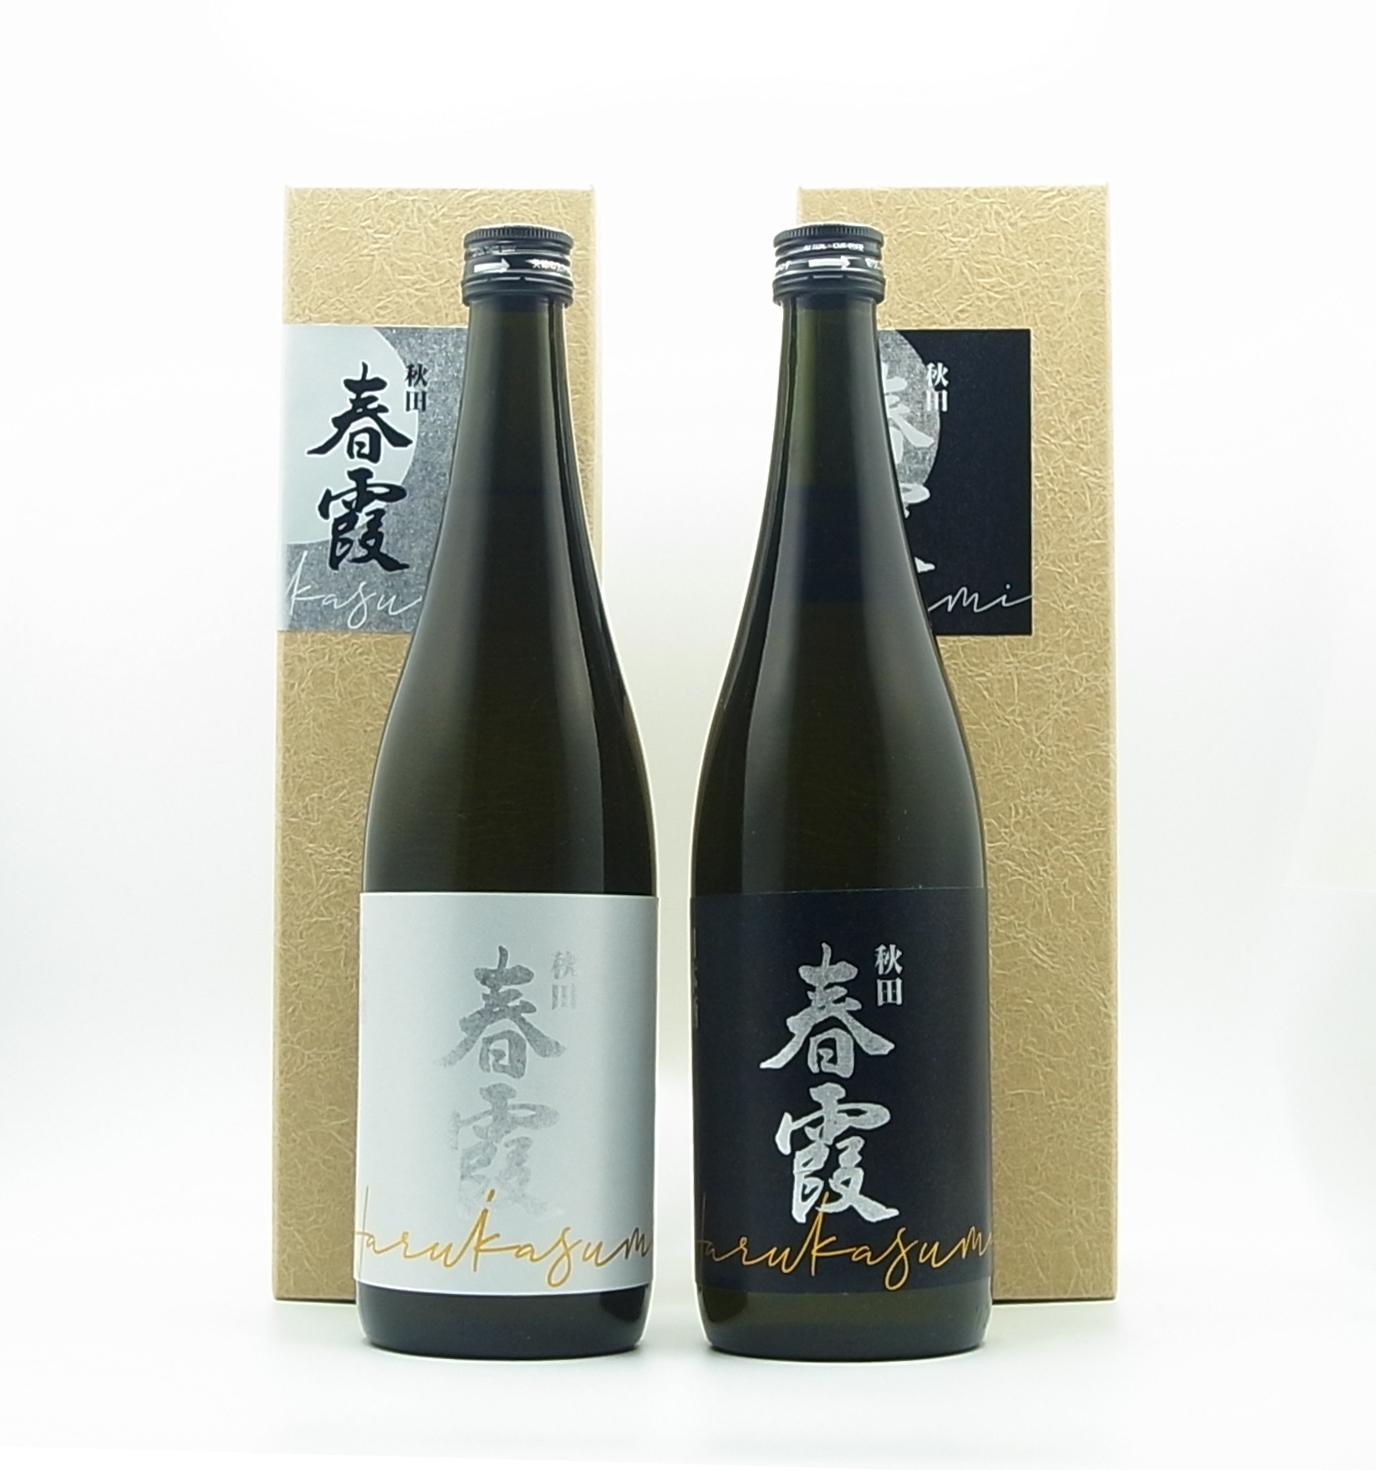 春霞 美郷町産酒米「美郷錦」で仕込んだプレミアム純米大吟醸セット 720ml×2本